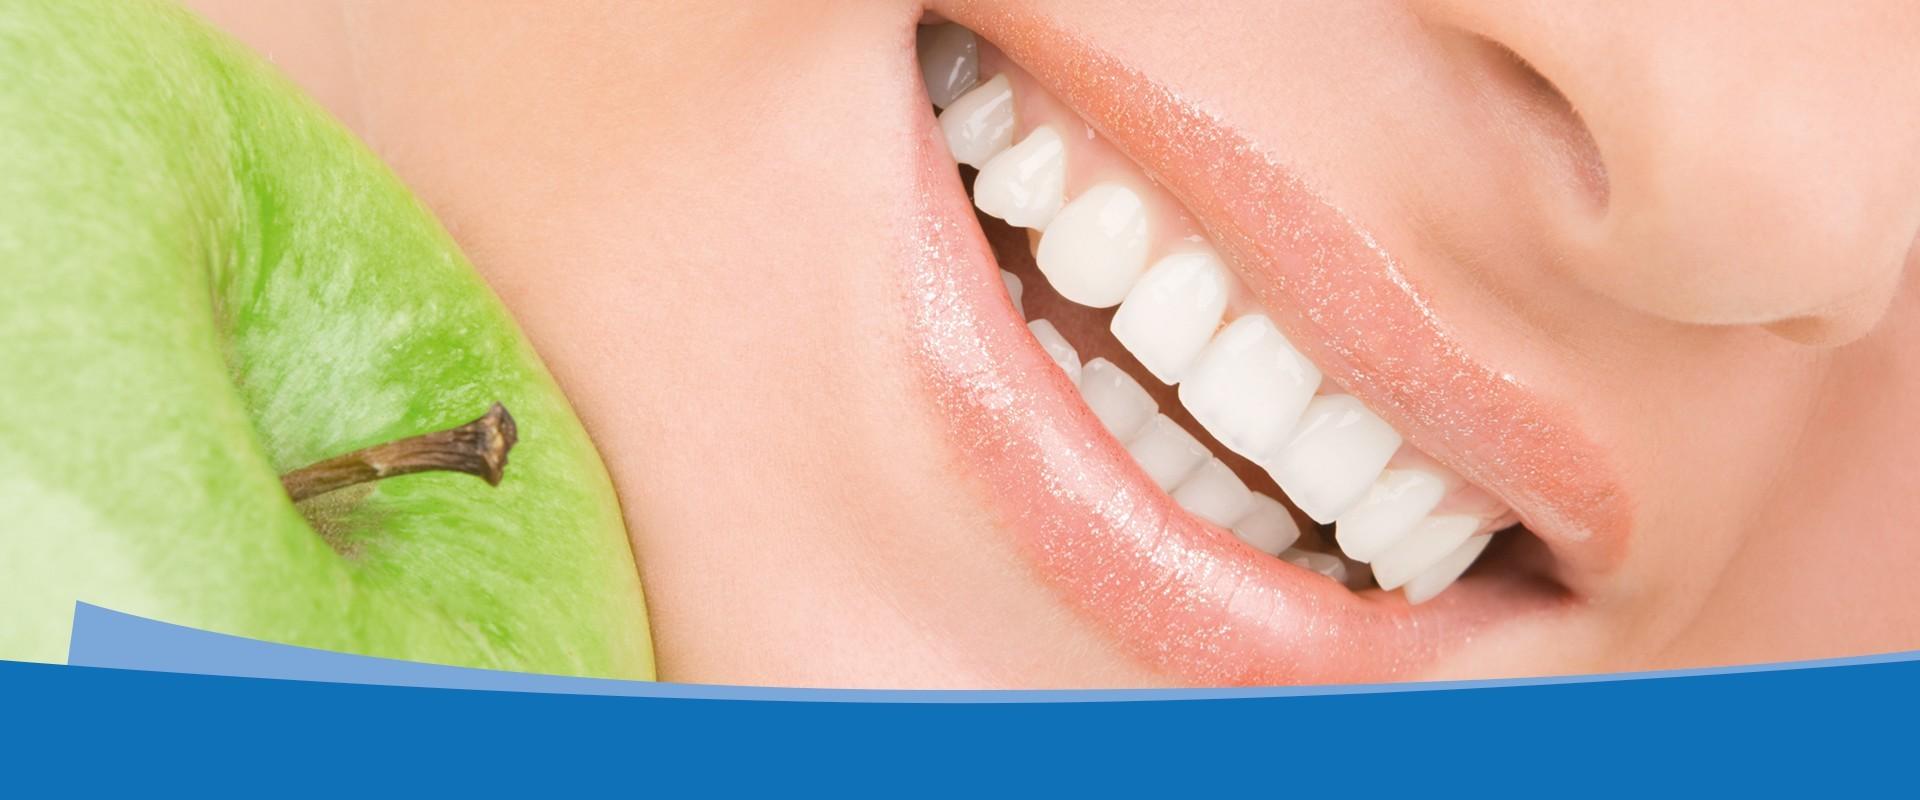 Как и чем лечить зубную боль в домашних условиях 186